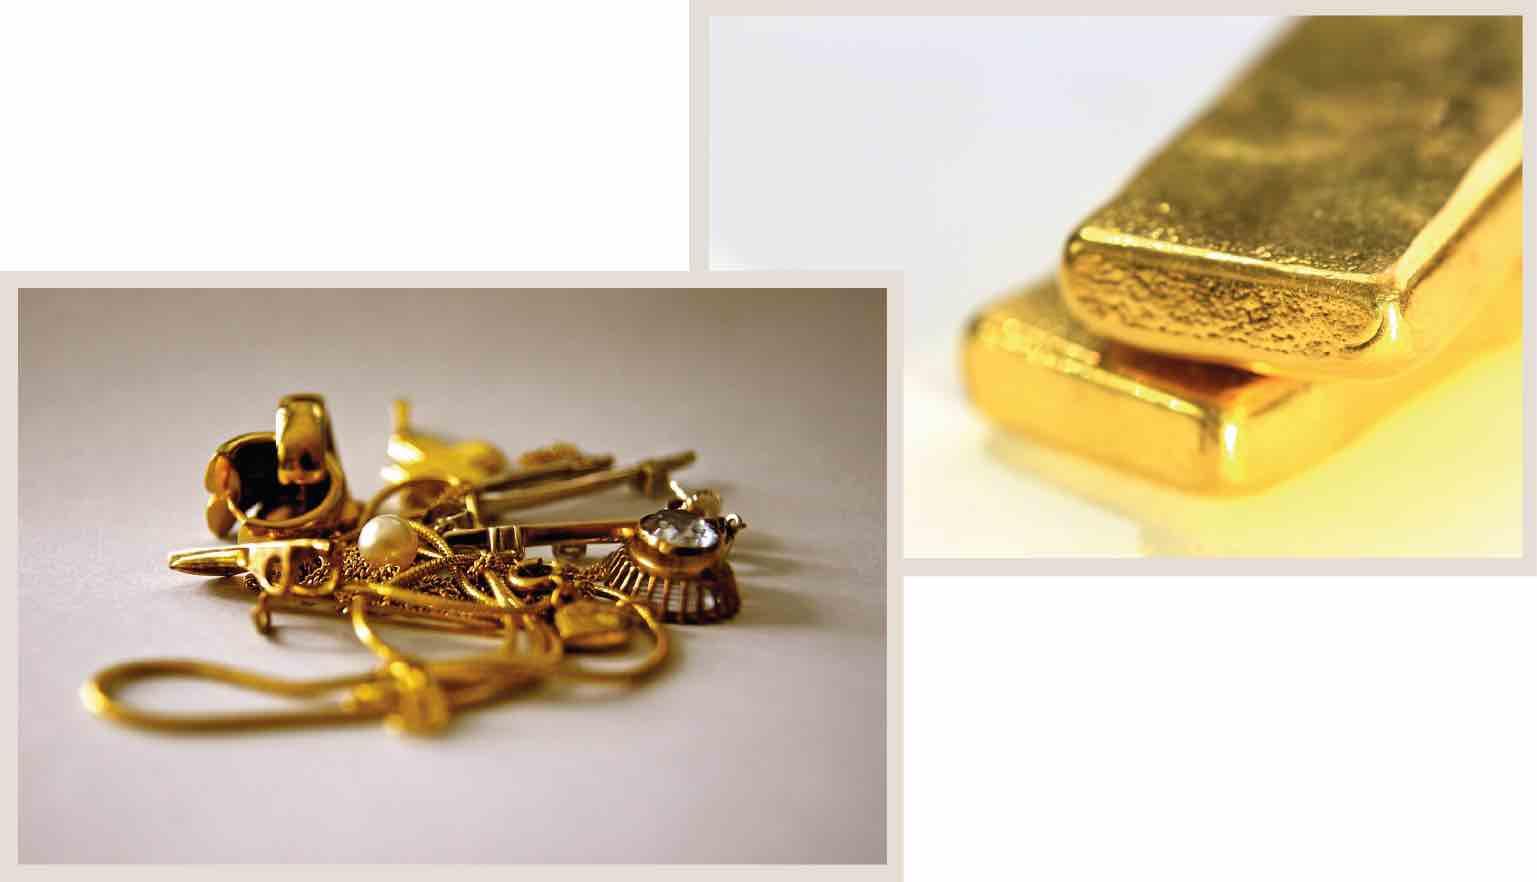 Cours du gramme d'or